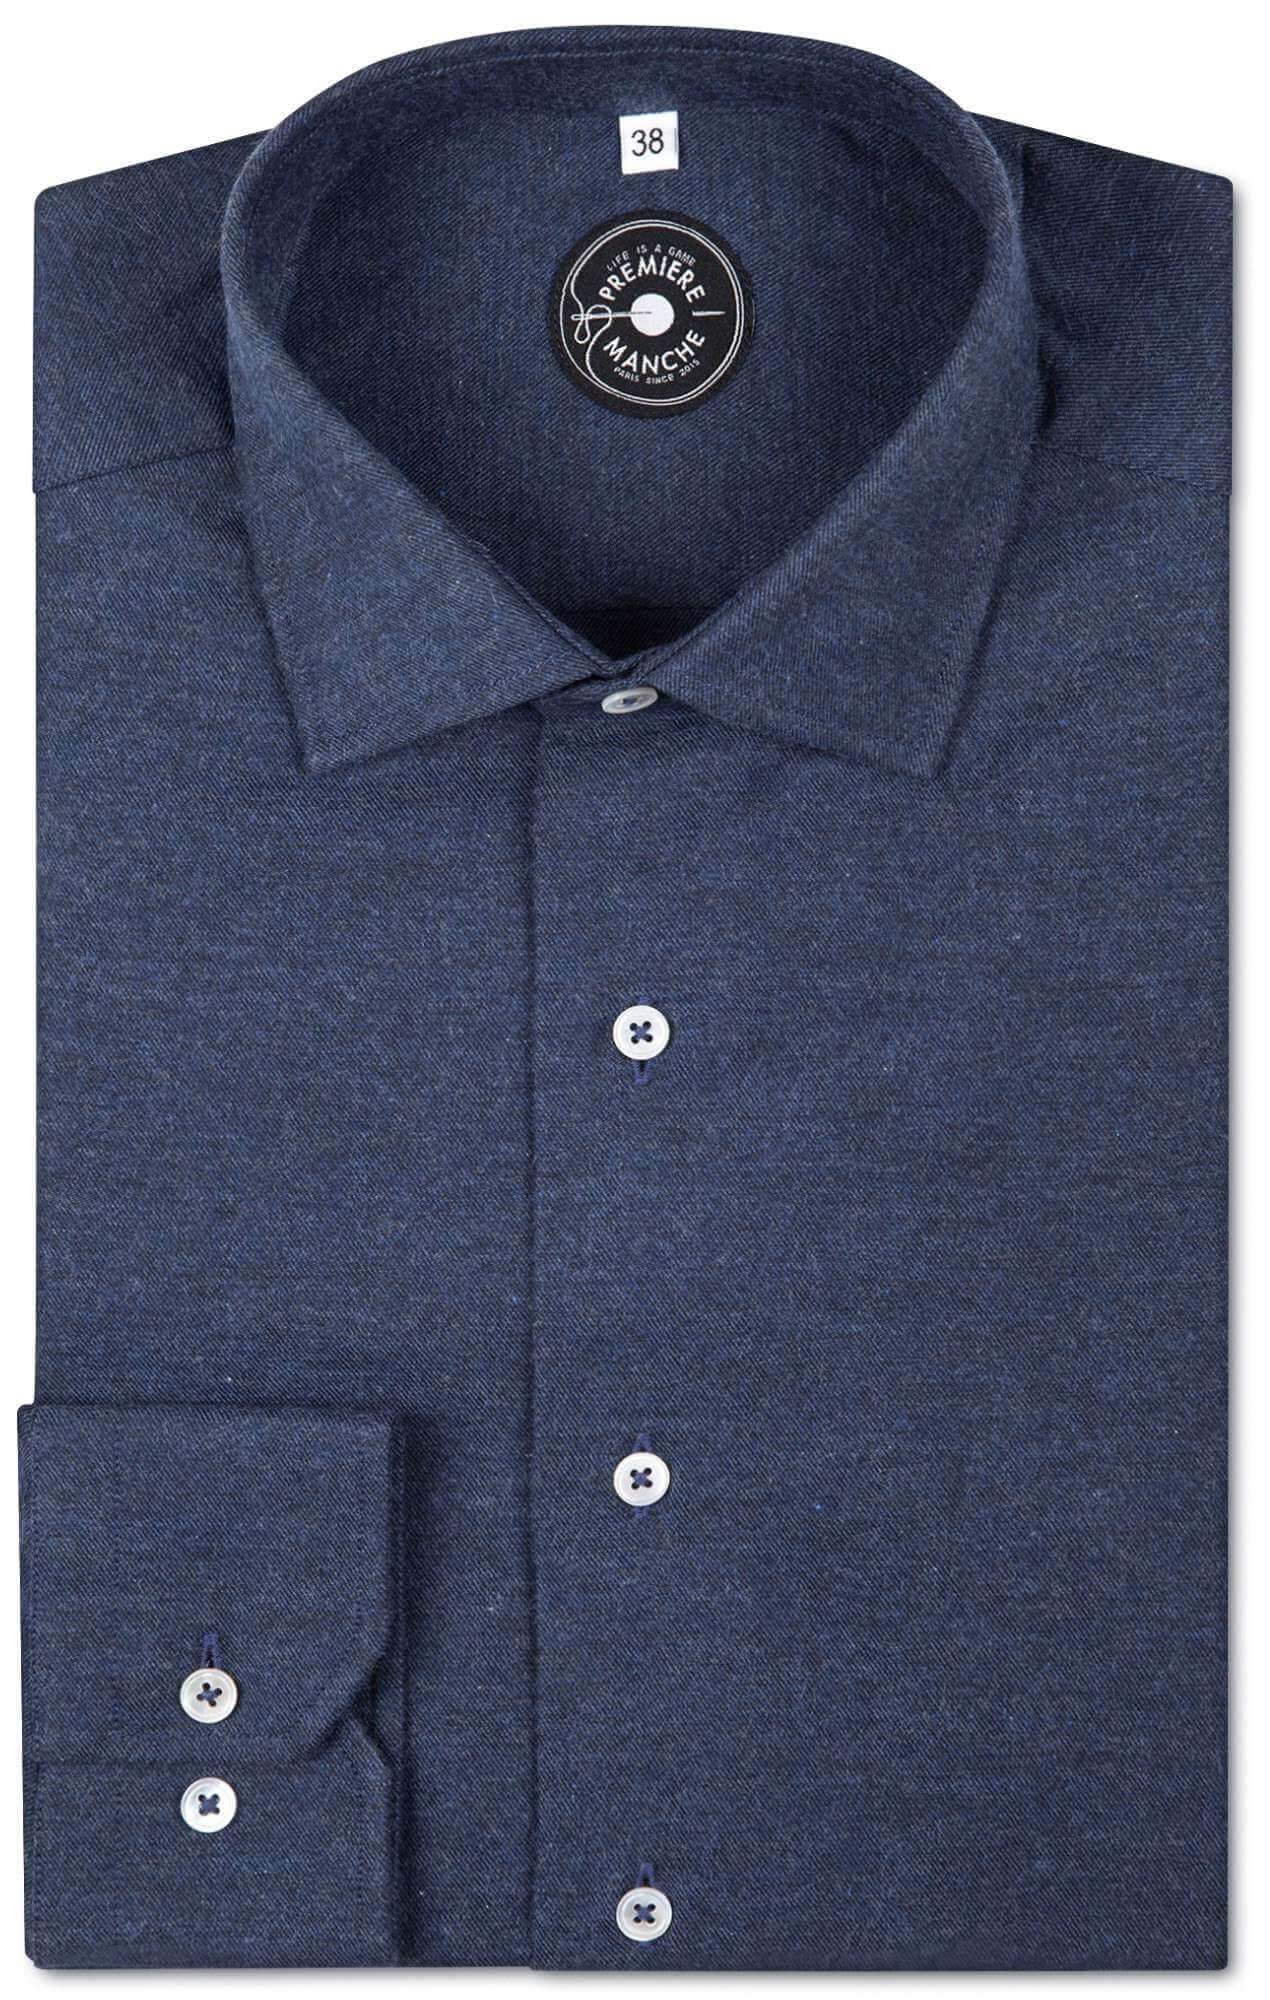 Chemise flanelle bleue foncé - très douce Chemises Hommes